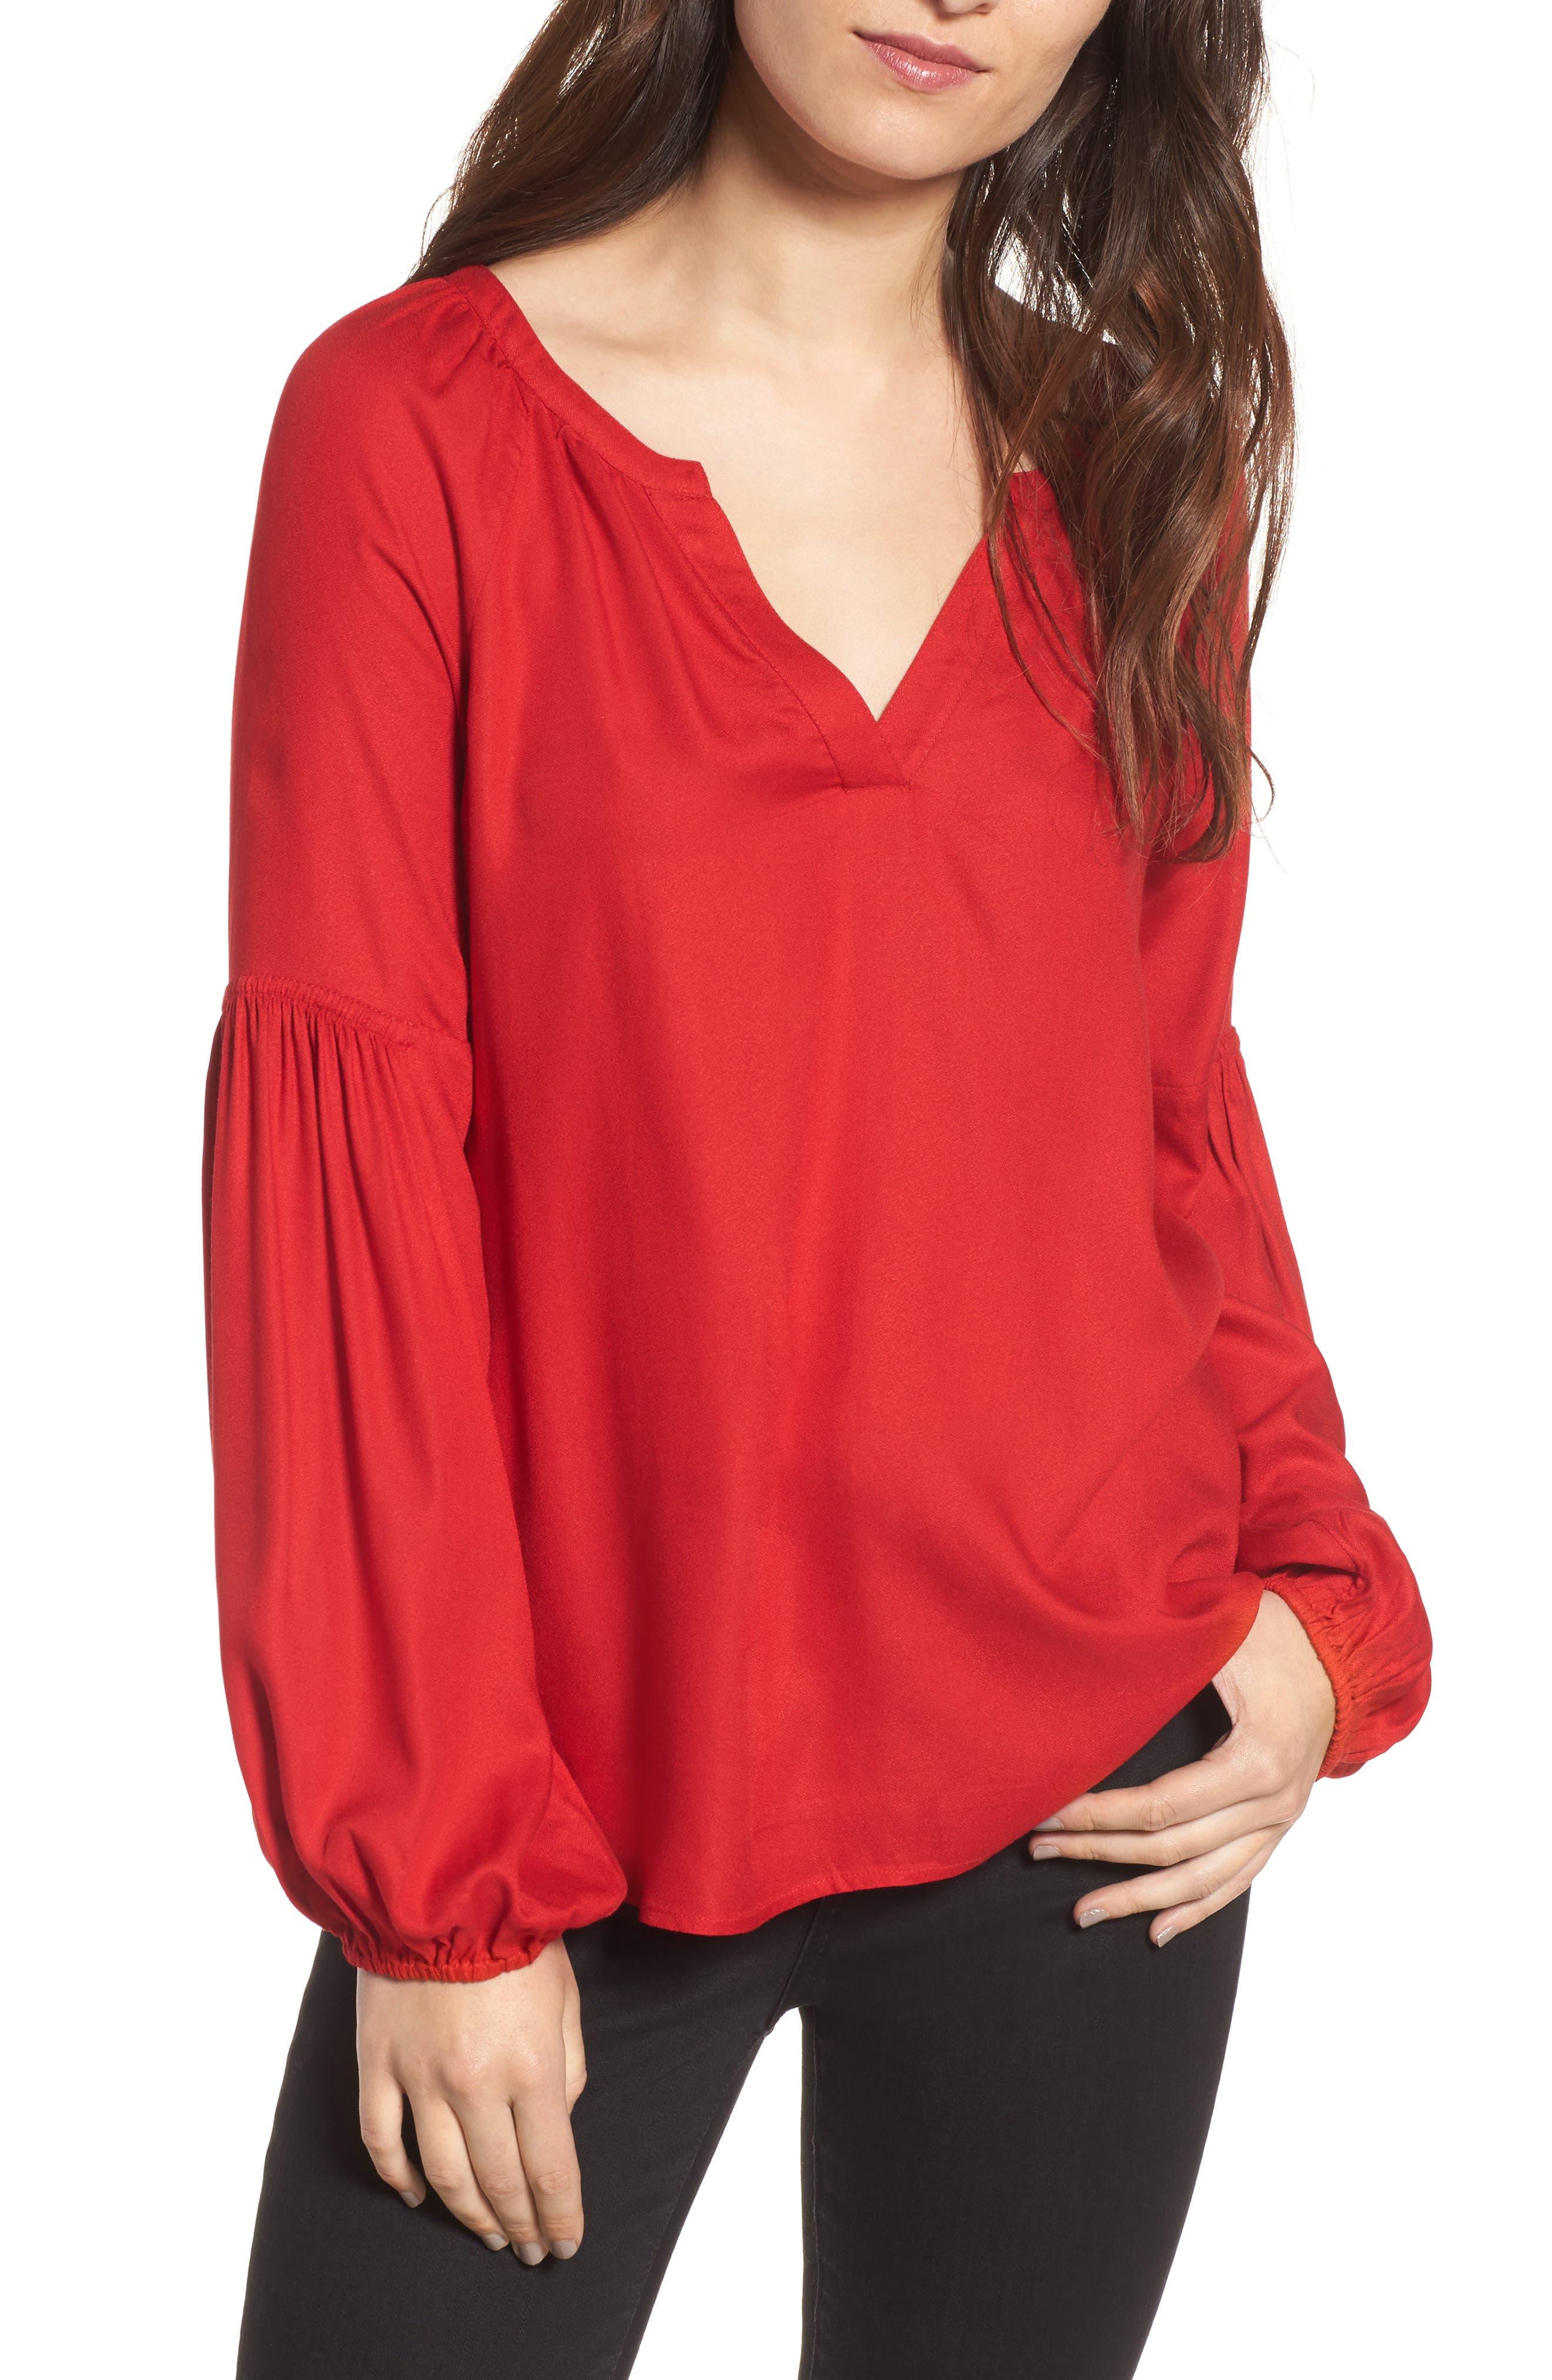 Alternate Image 1 Selected - Hinge Blouson Sleeve Top